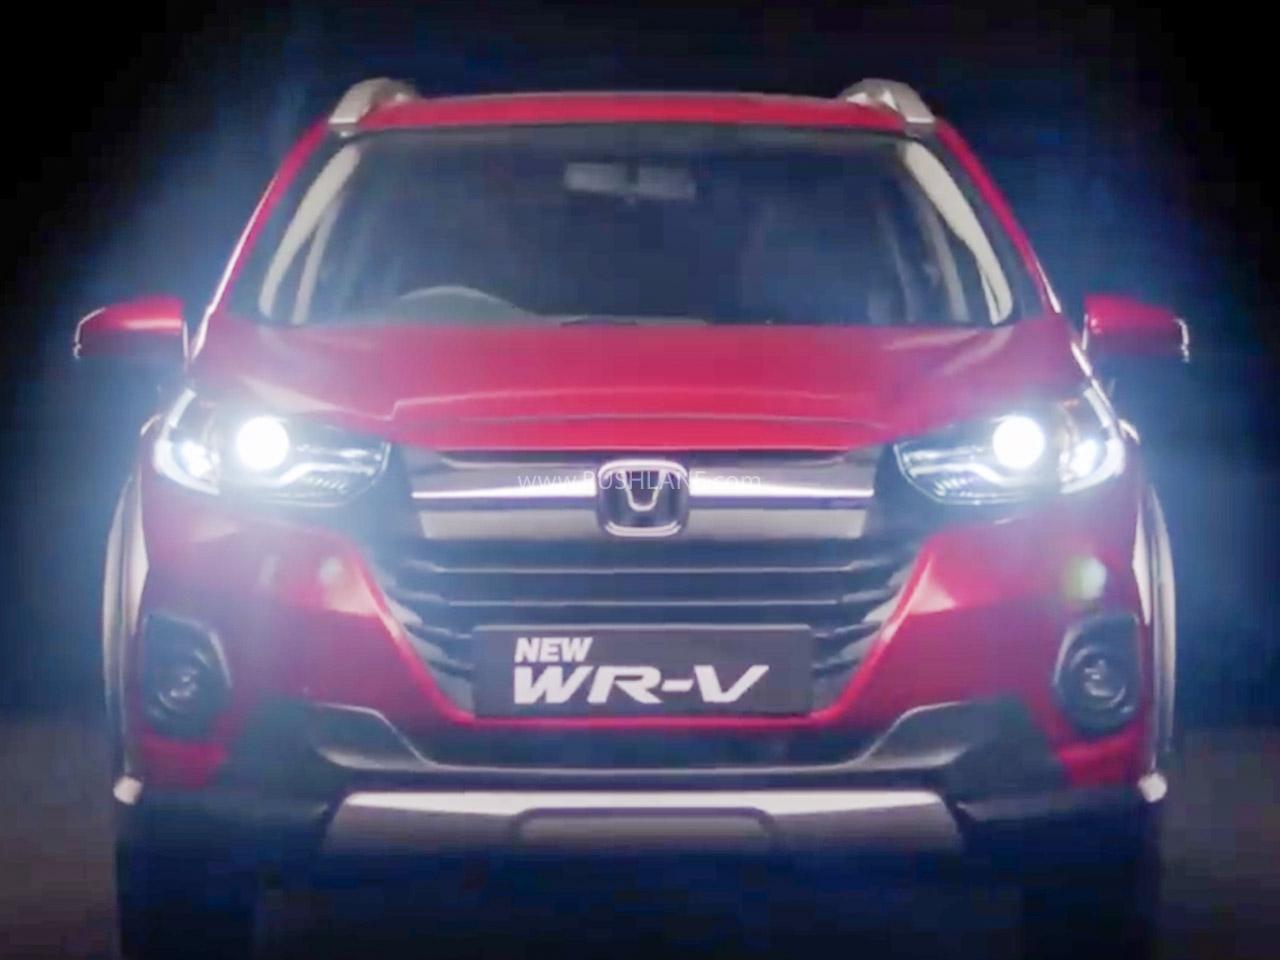 2020 Honda WRV Launch Date